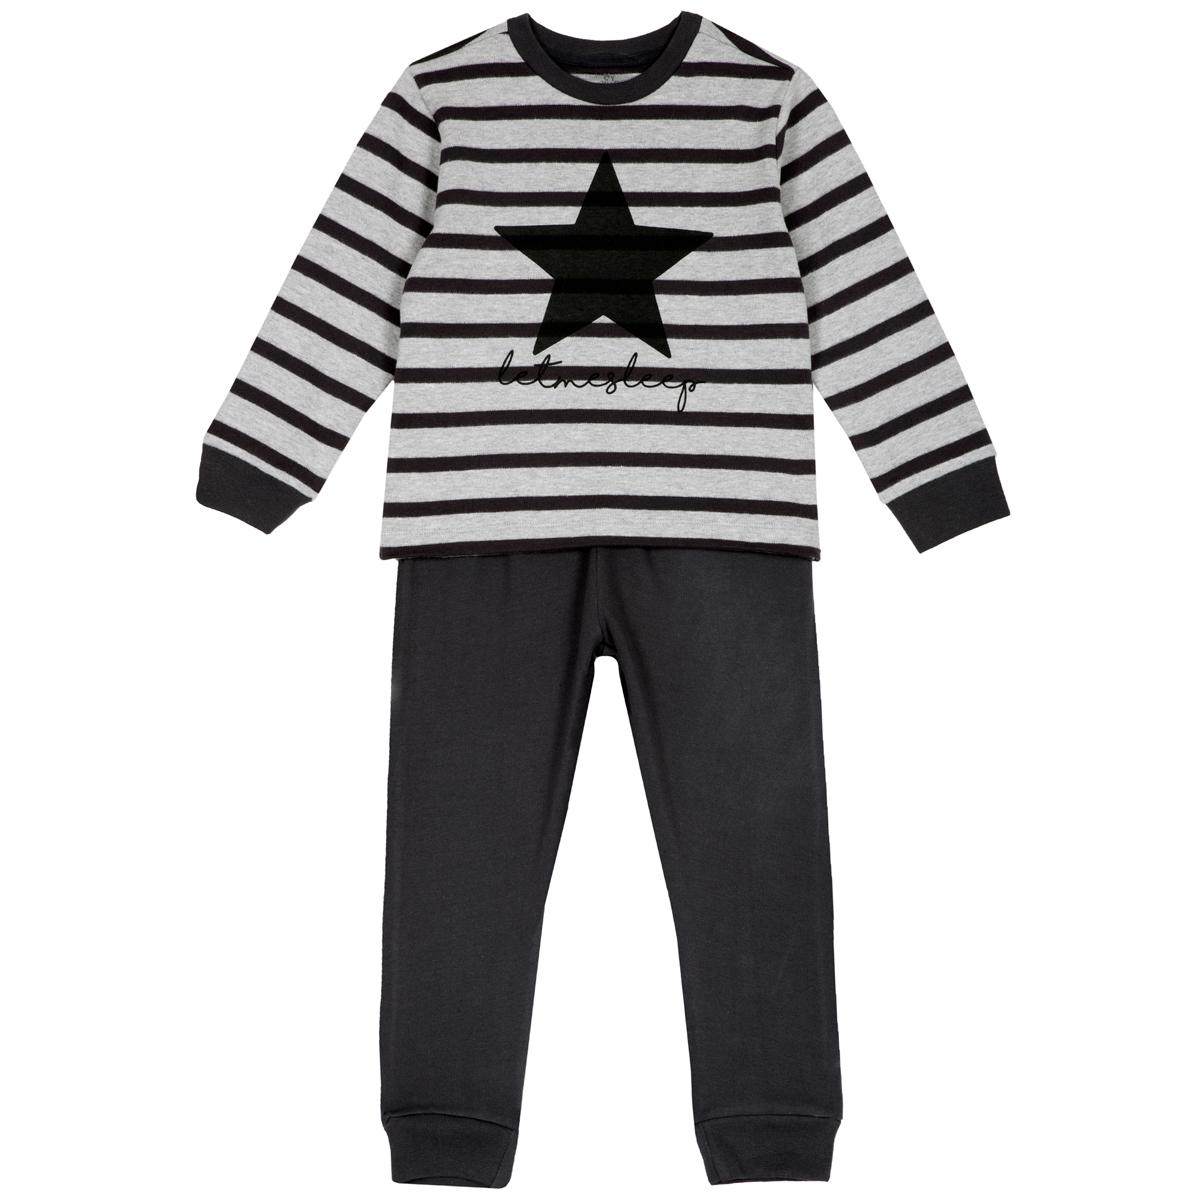 Pijama copii Chicco, maneca lunga, 31284 din categoria Pijamale copii